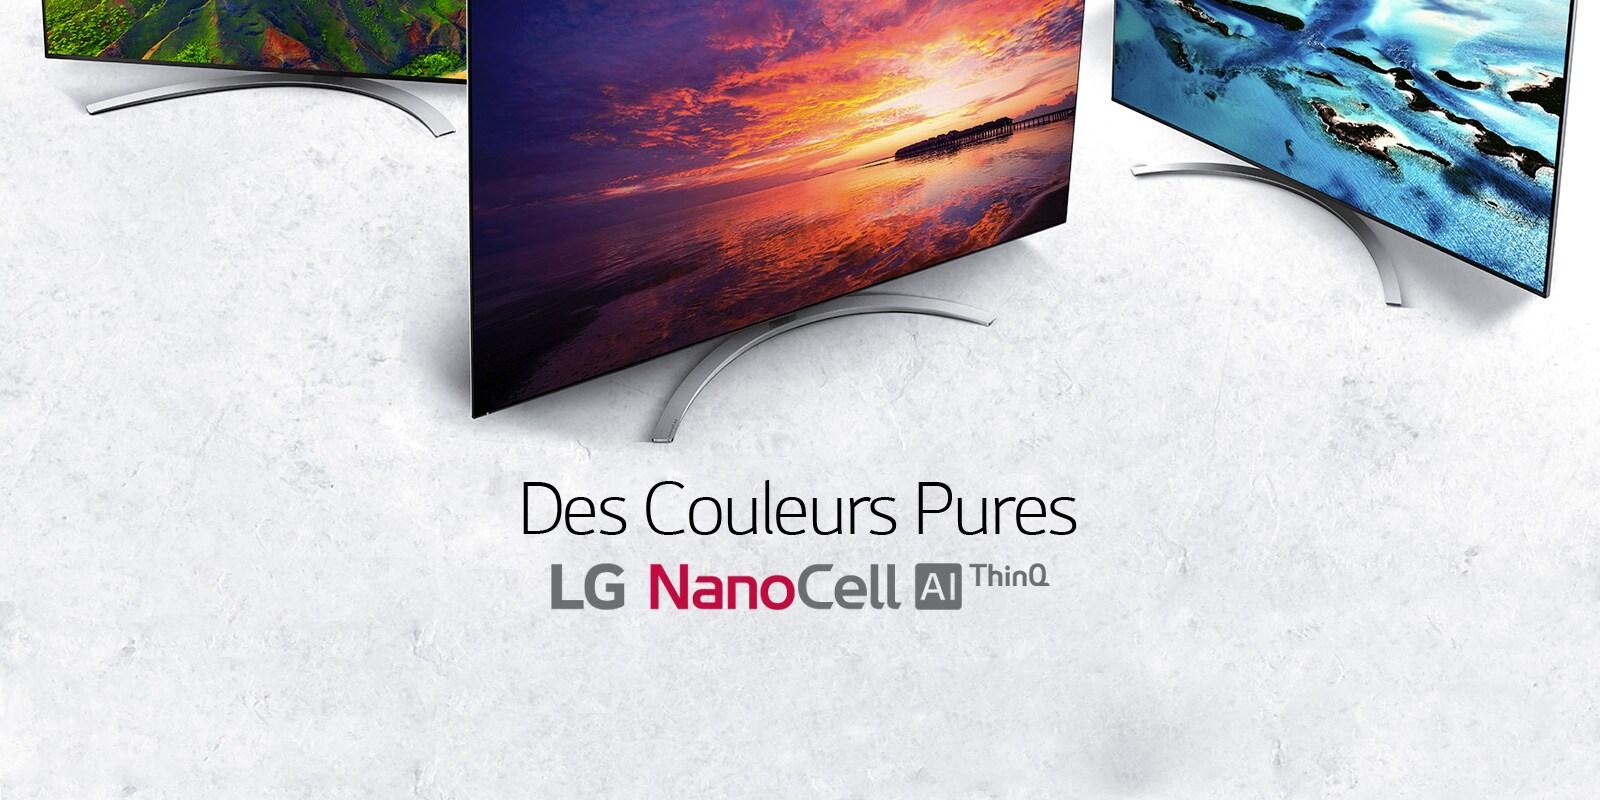 LG Electronics: Tous les appareils électroniques LG   LG Maroc